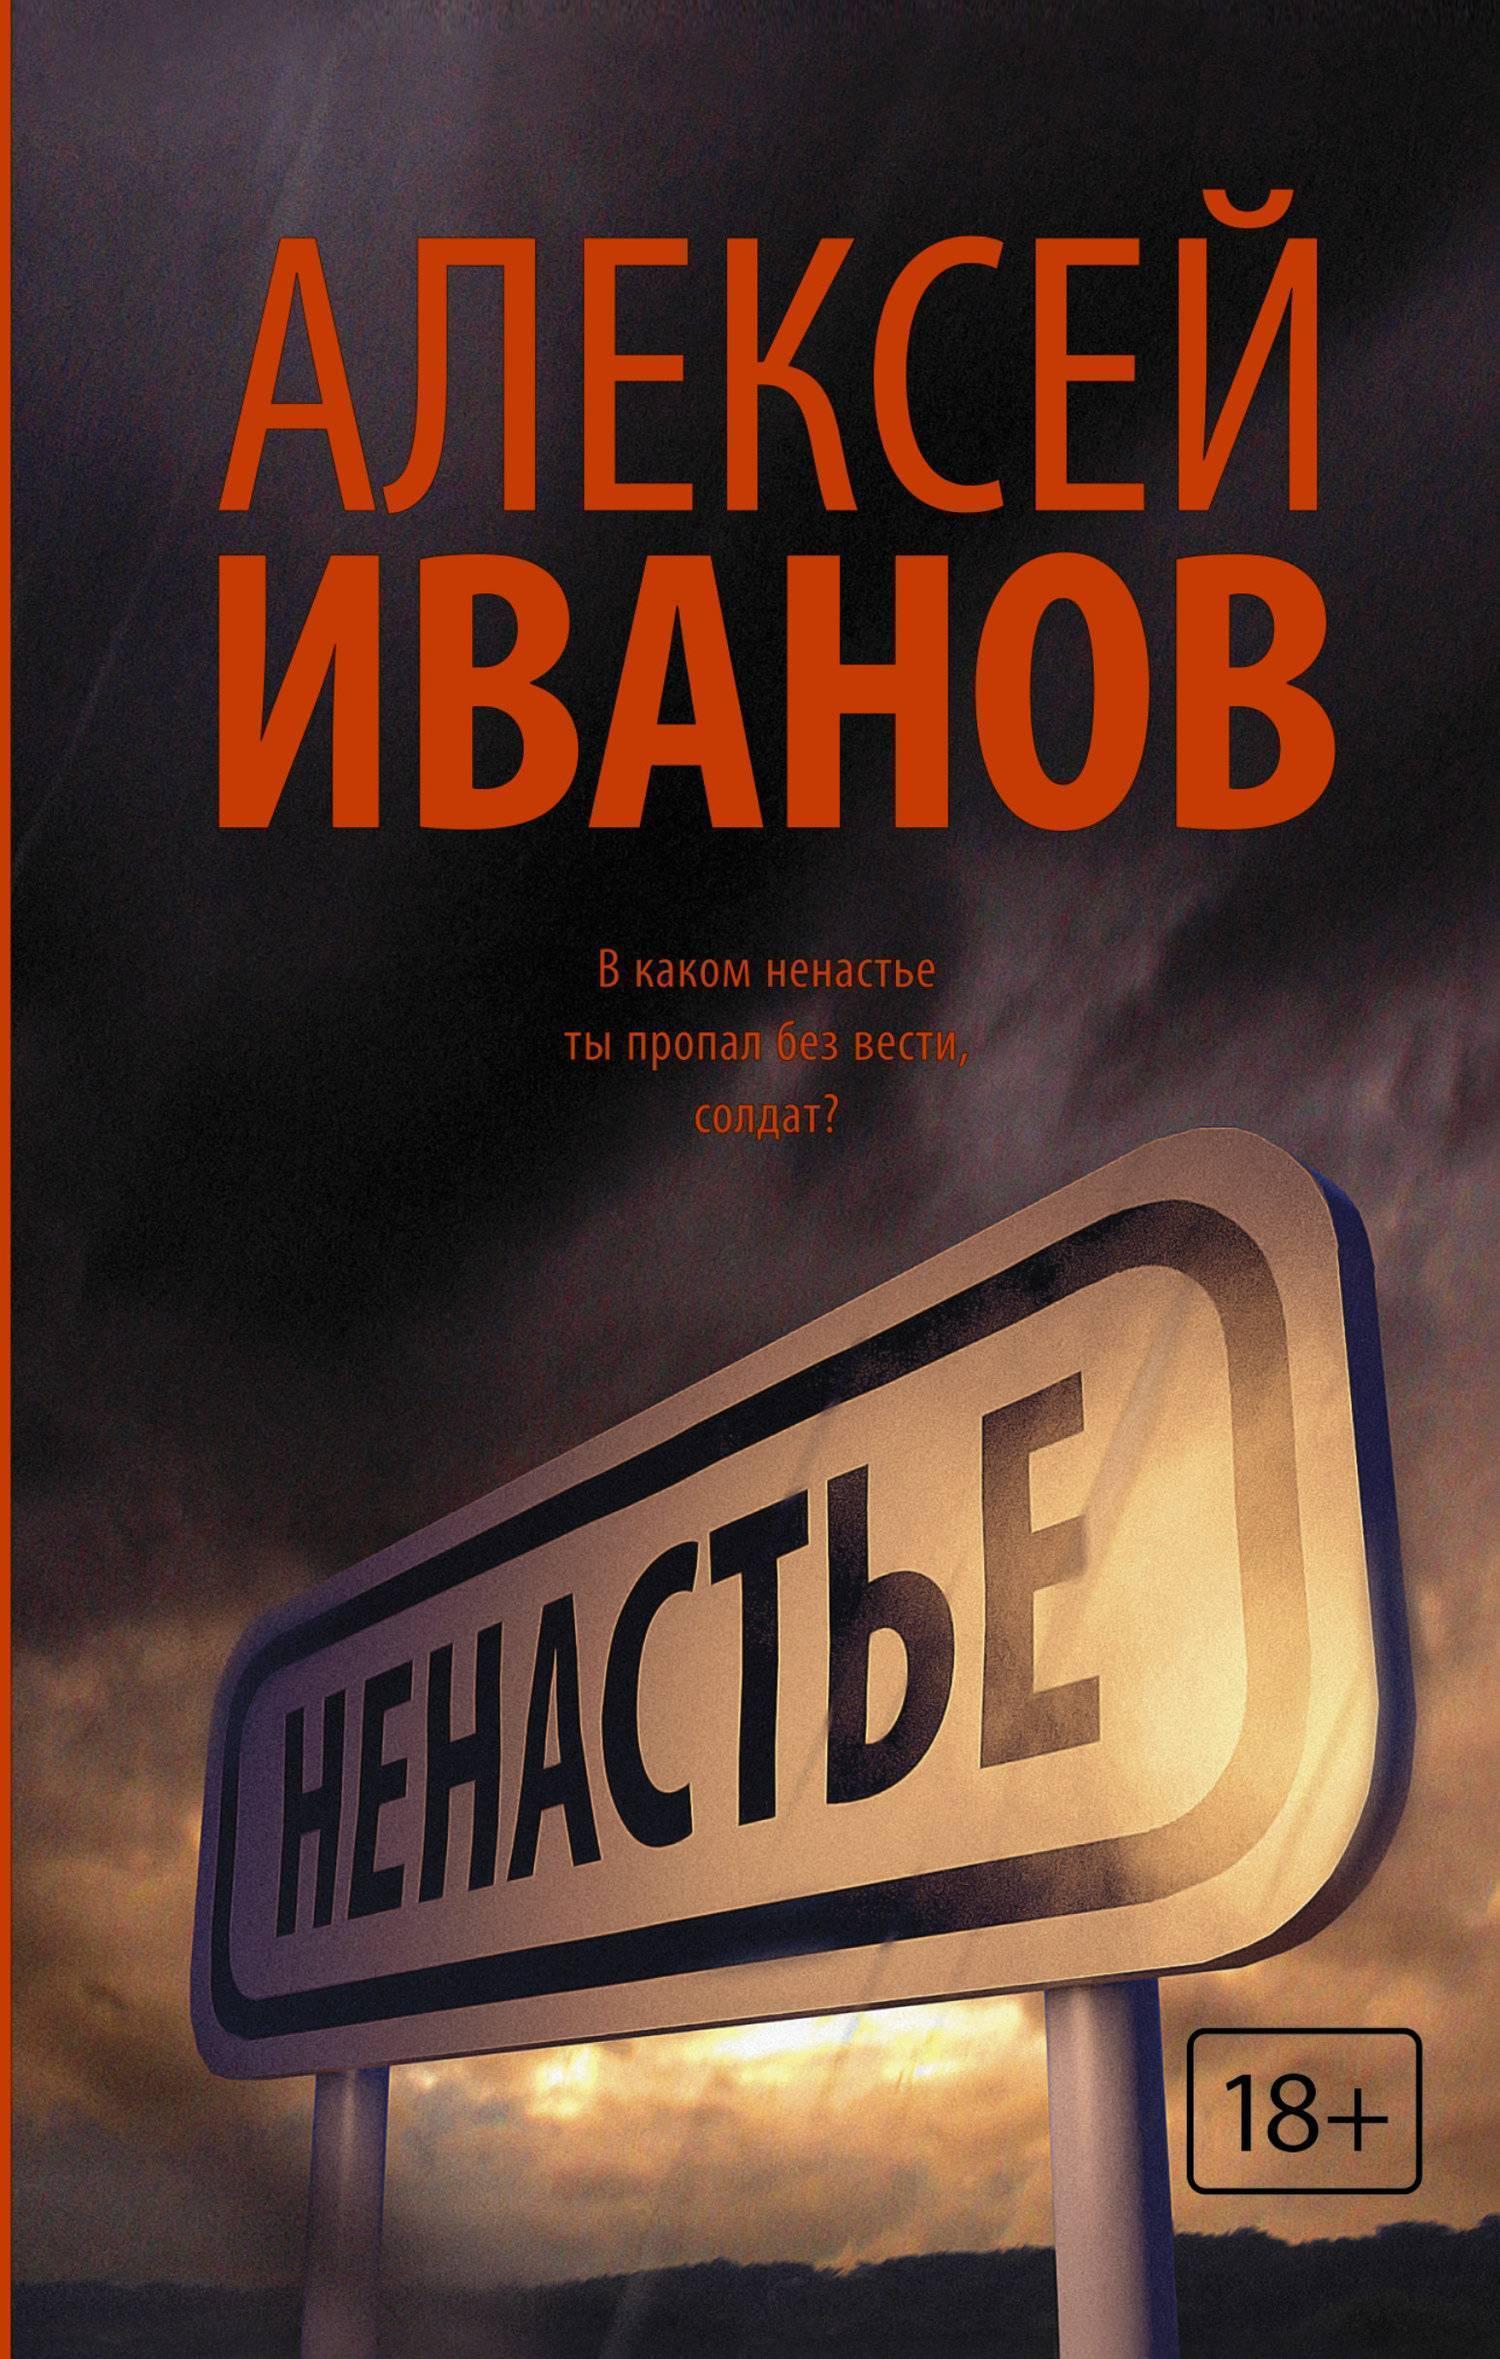 Алексей Иванов. Ненастье